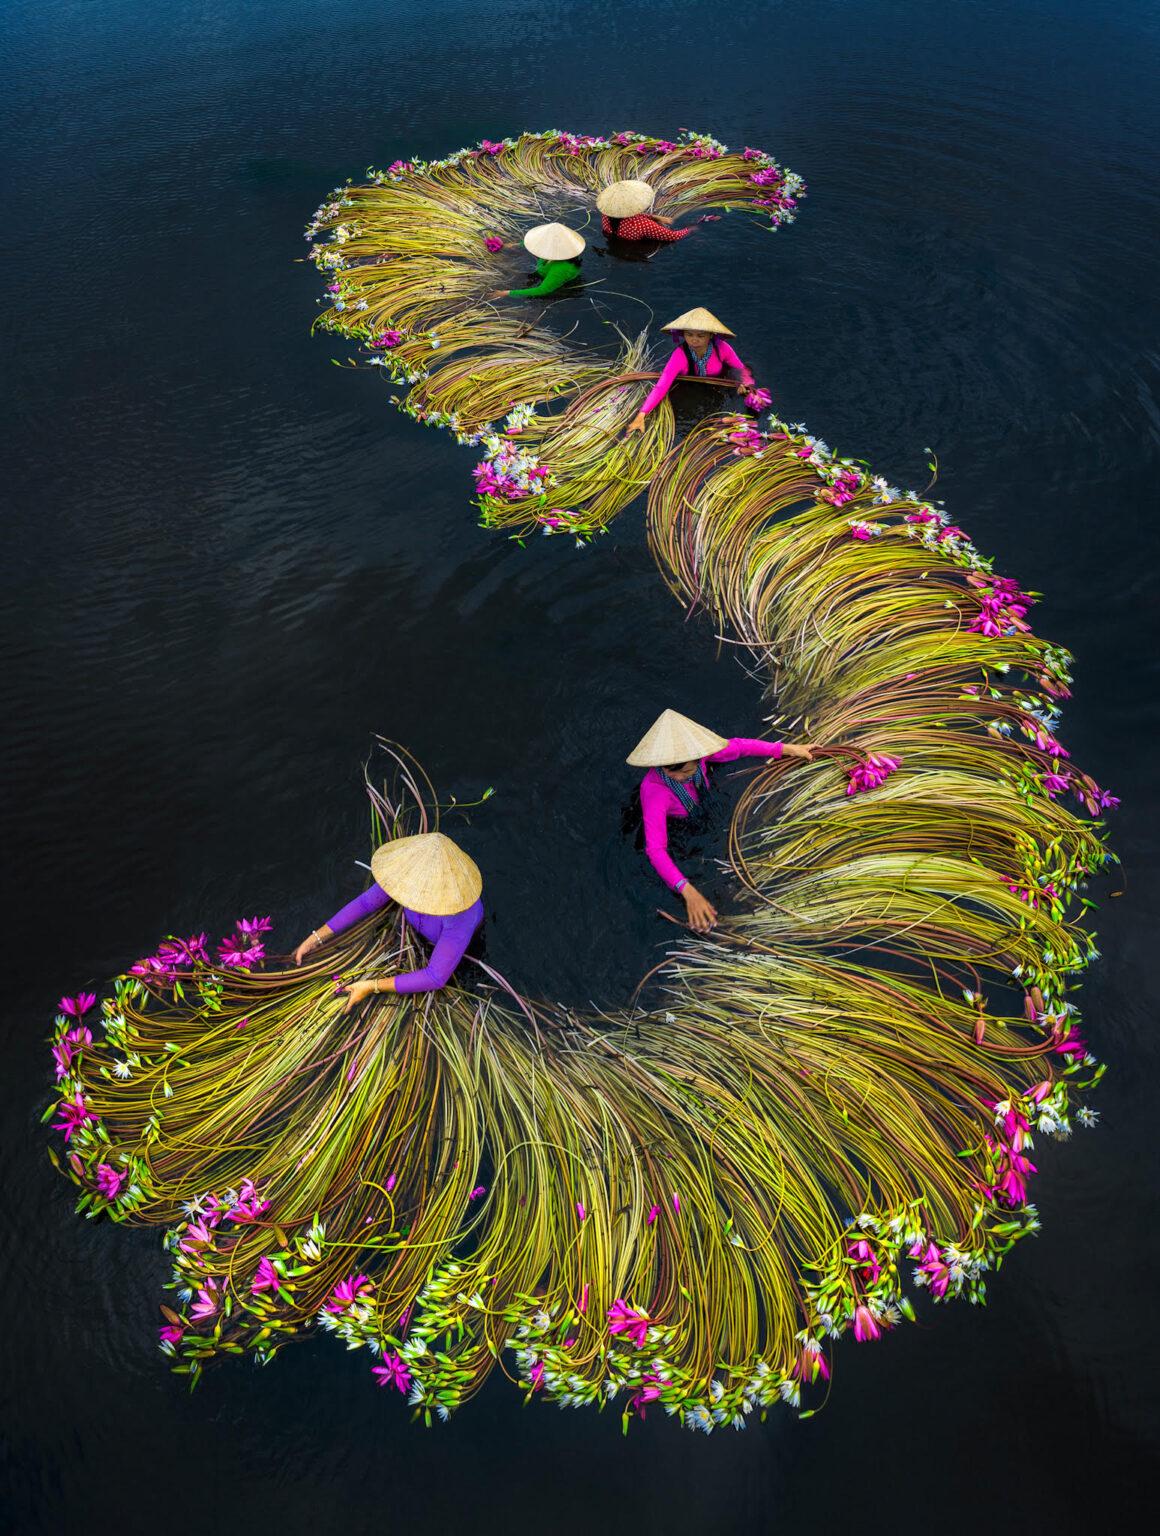 Локалното население во Виетнам секоја година ги собира водните лилјани од оризовите полиња, а еве и зошто